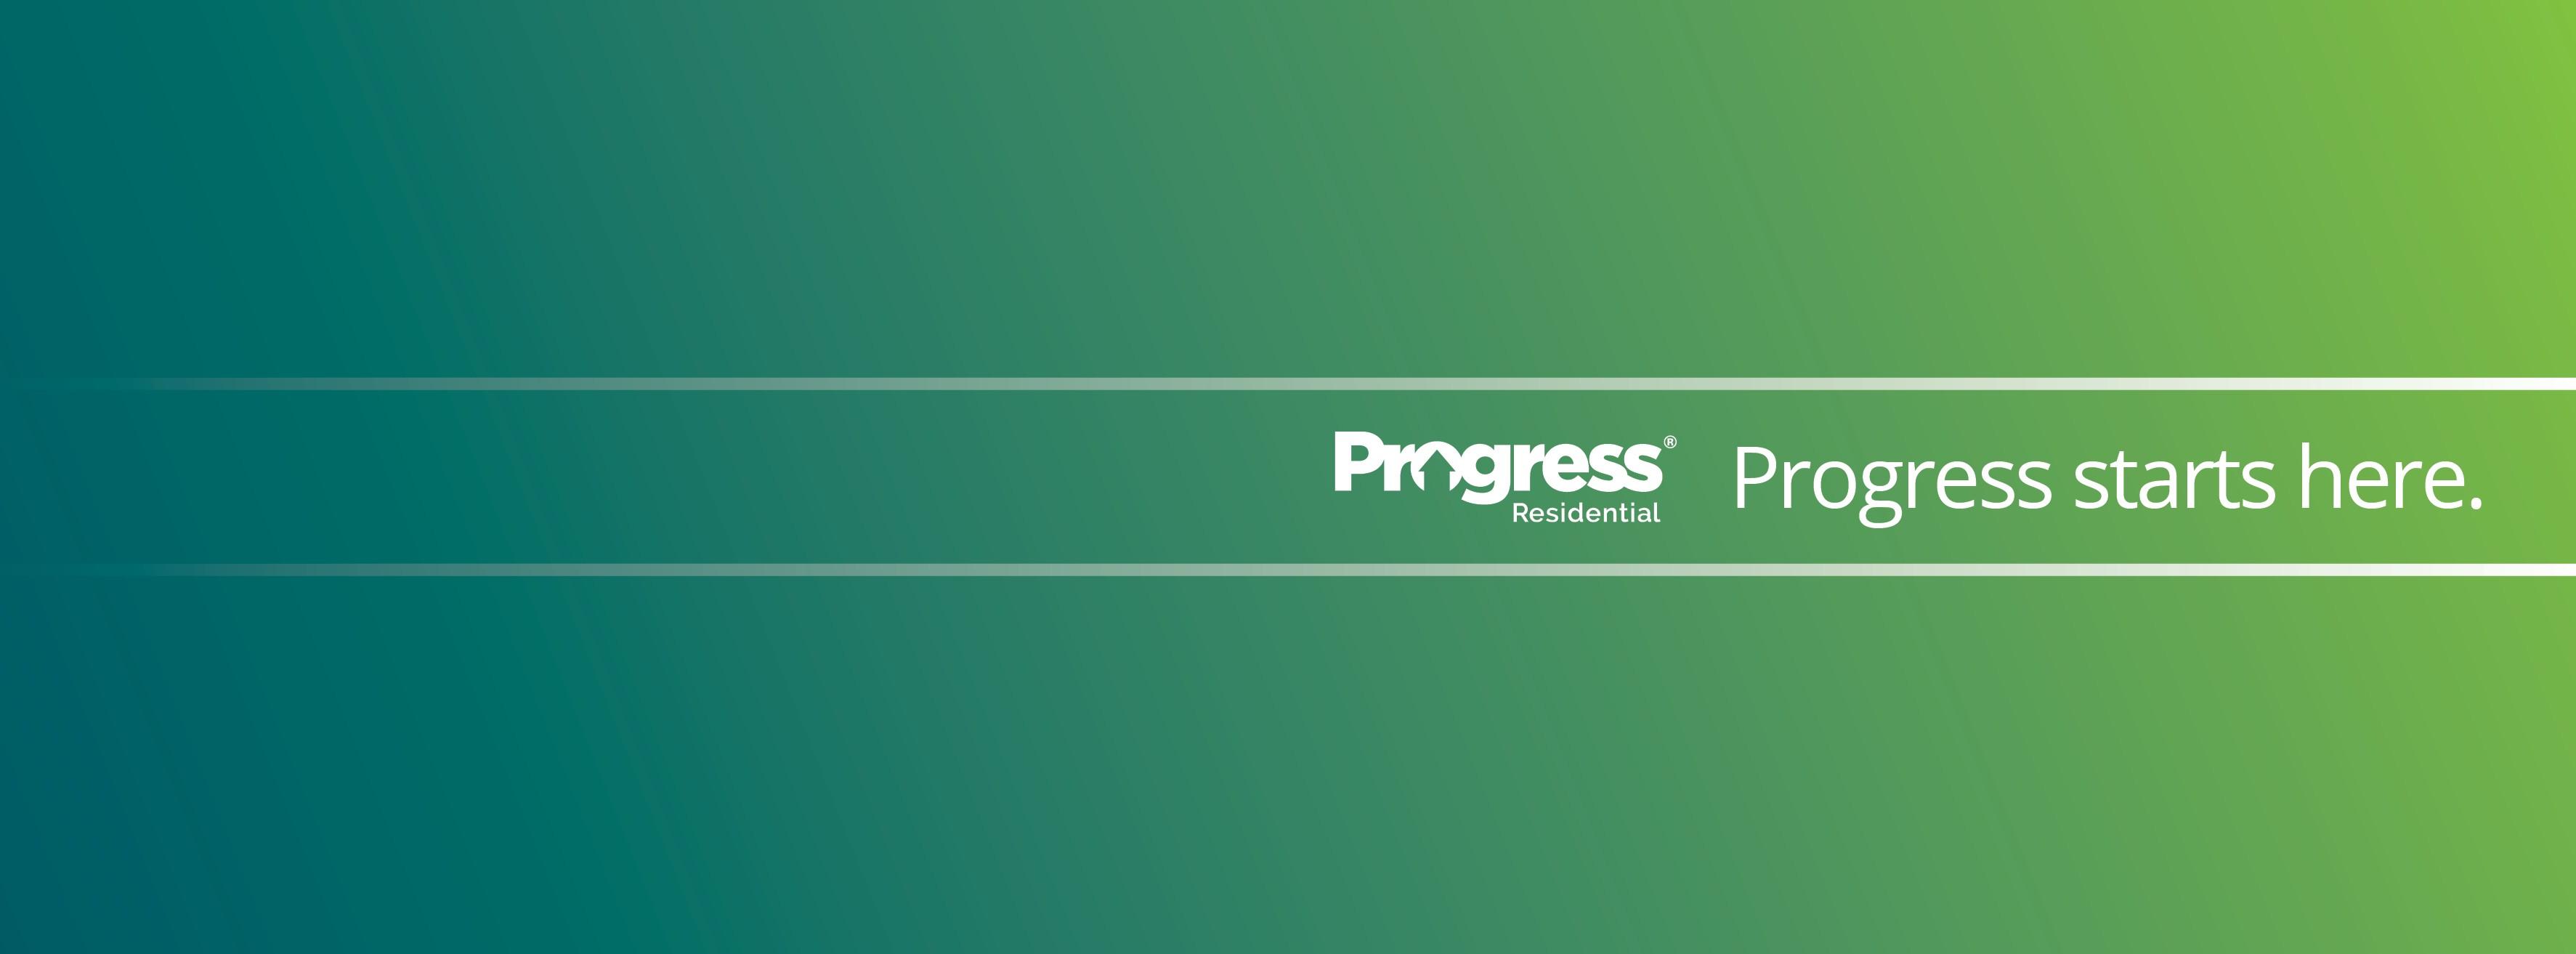 Progress Residential Linkedin